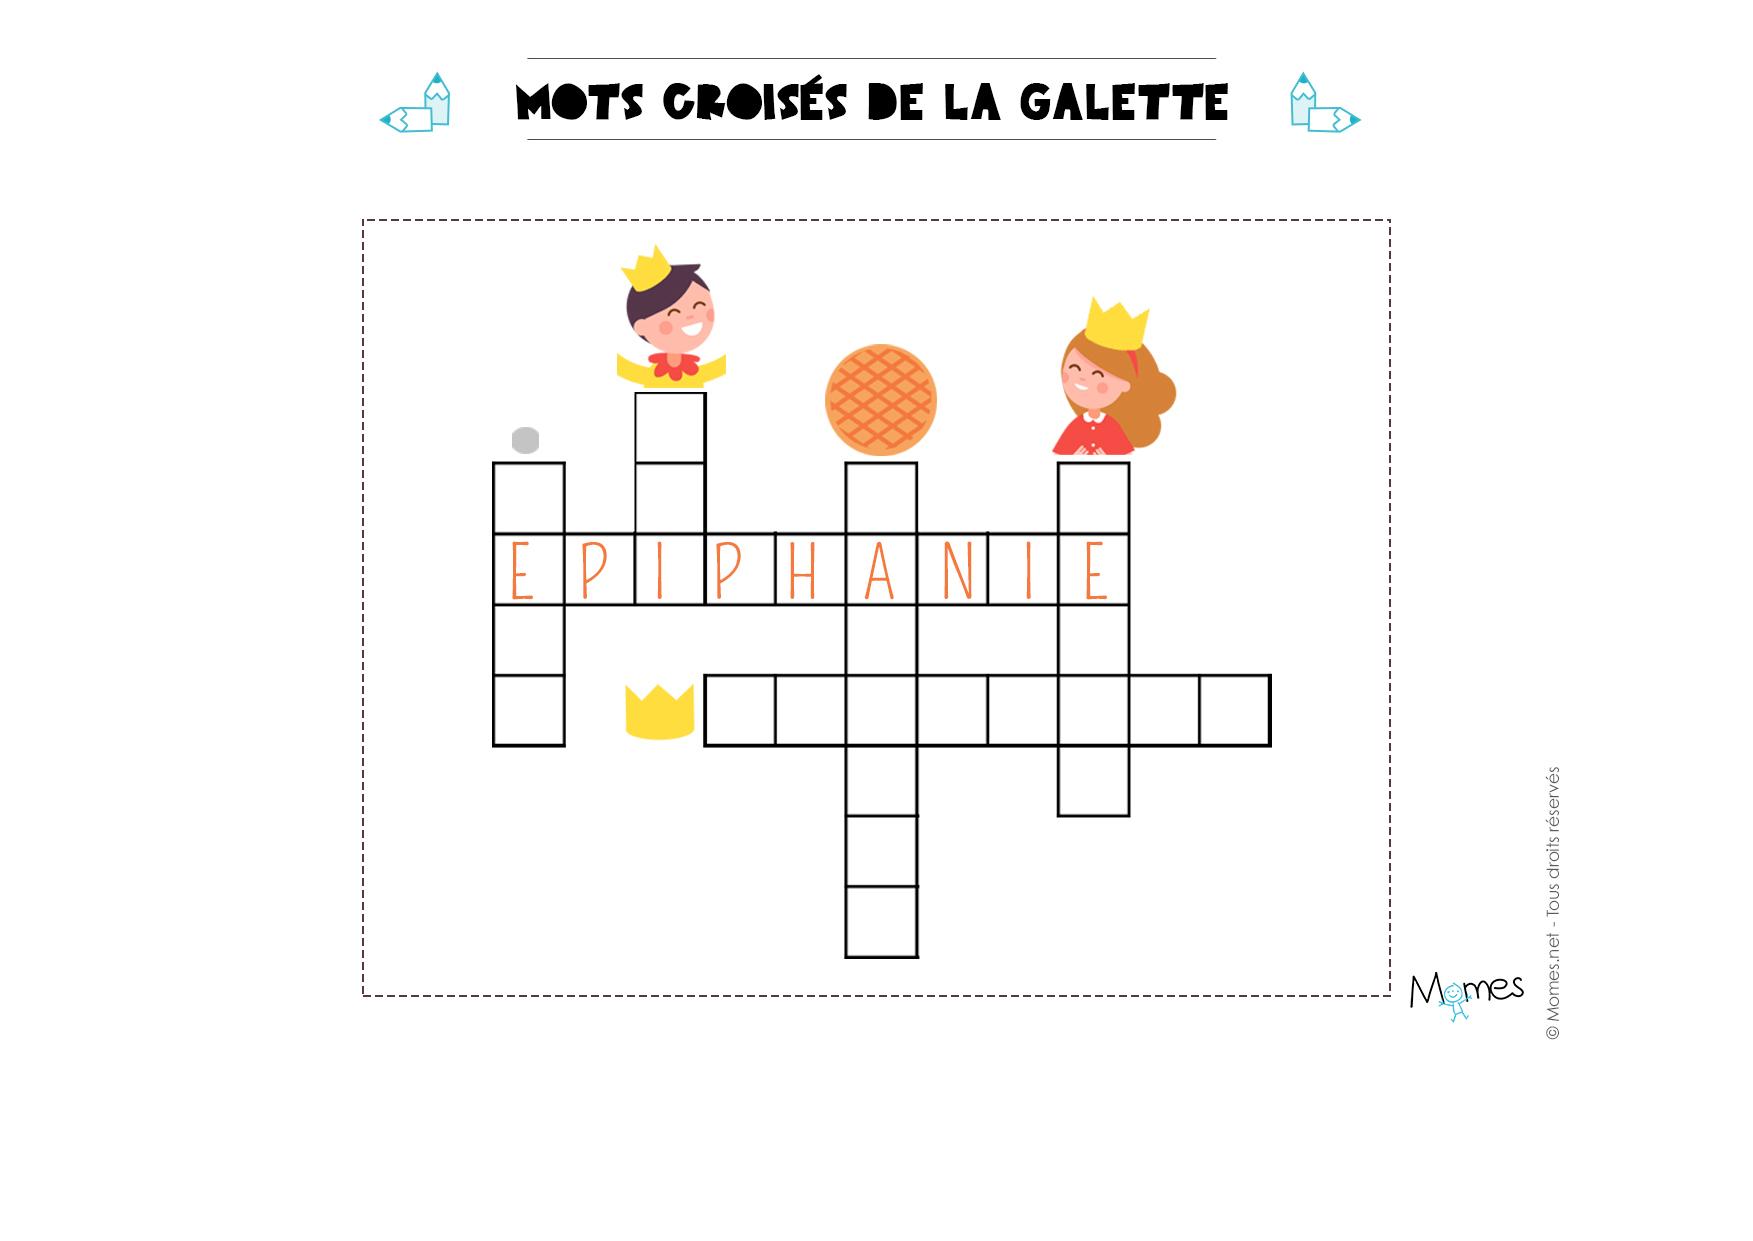 Mots Croisés De La Galette - Momes tout Mots Croisés Enfants À Imprimer